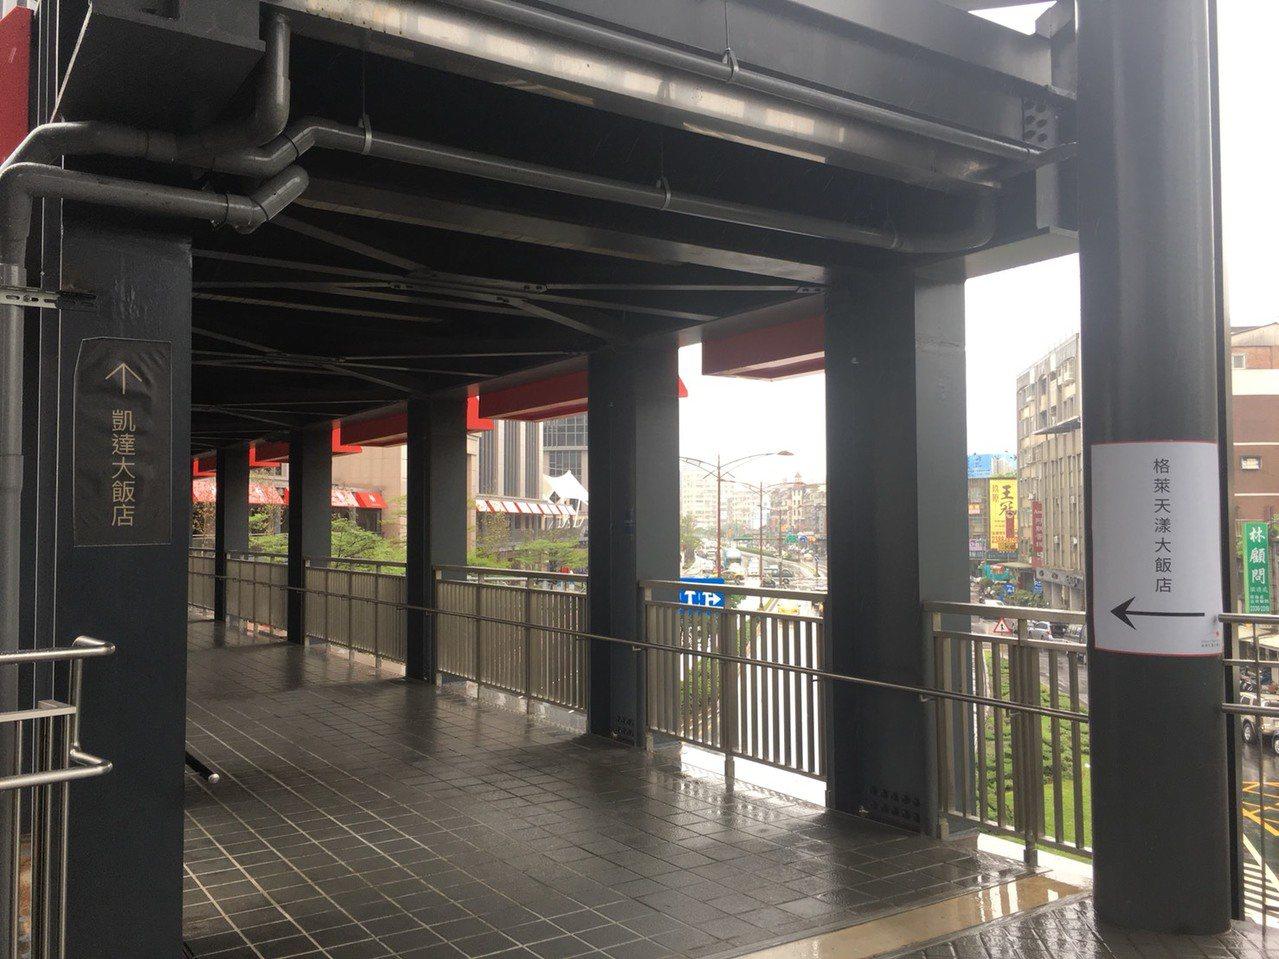 凱達飯店表示,從停車場、萬華火車站到飯店的空橋都設有指標,未來還會加強宣傳。圖/...